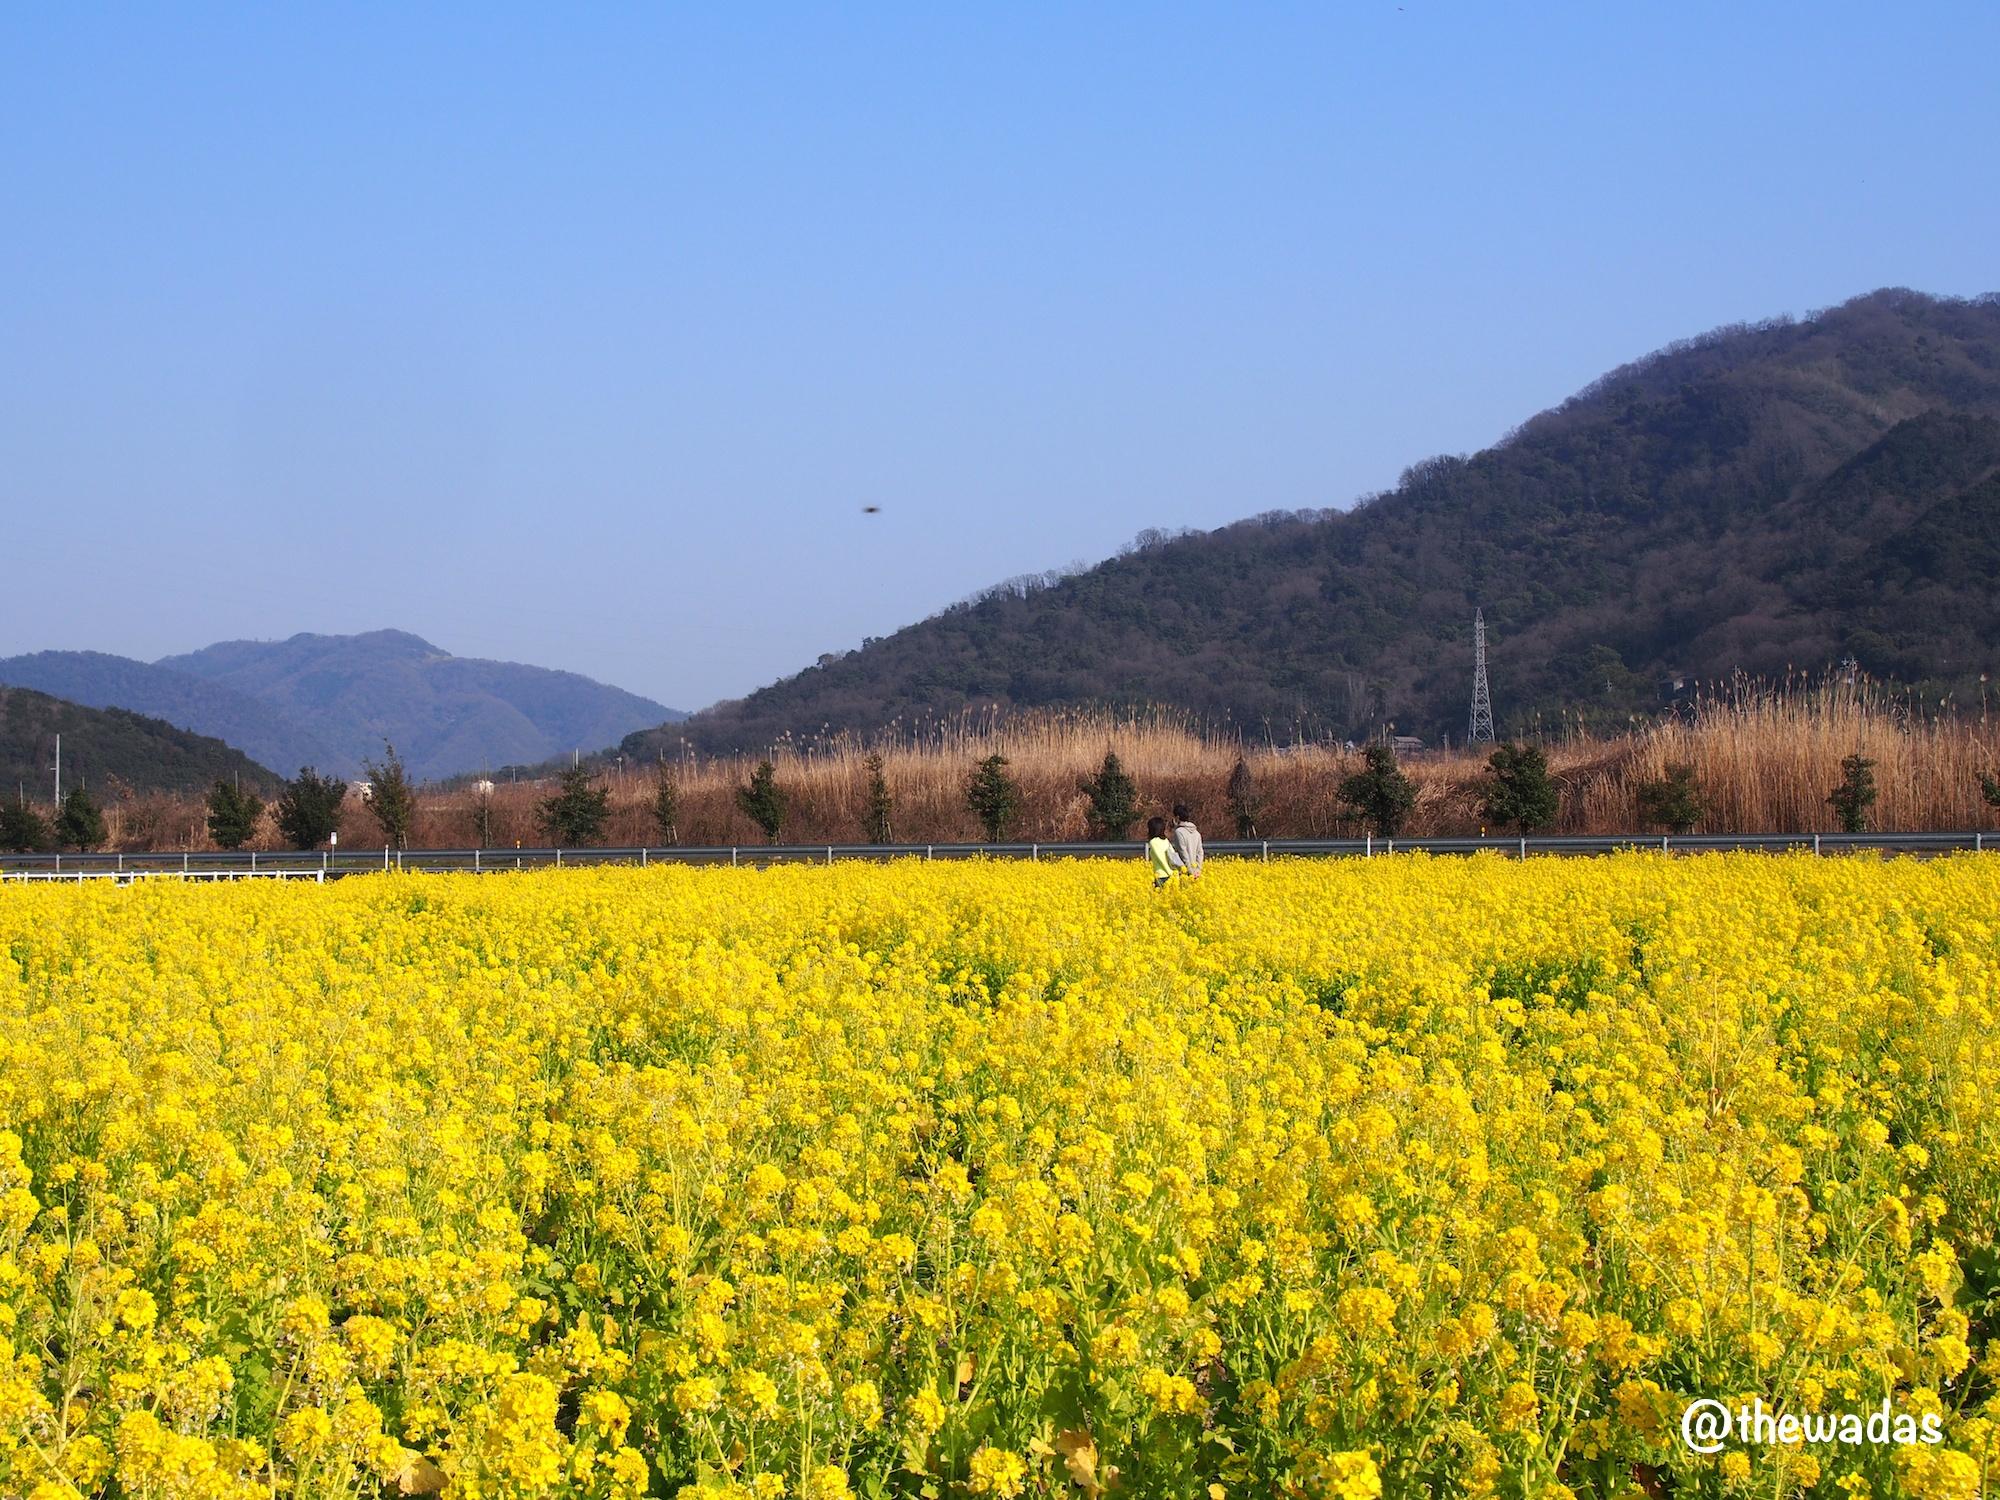 Kasaoka Bayfarm: Nanohana rapeseed flower field, couple